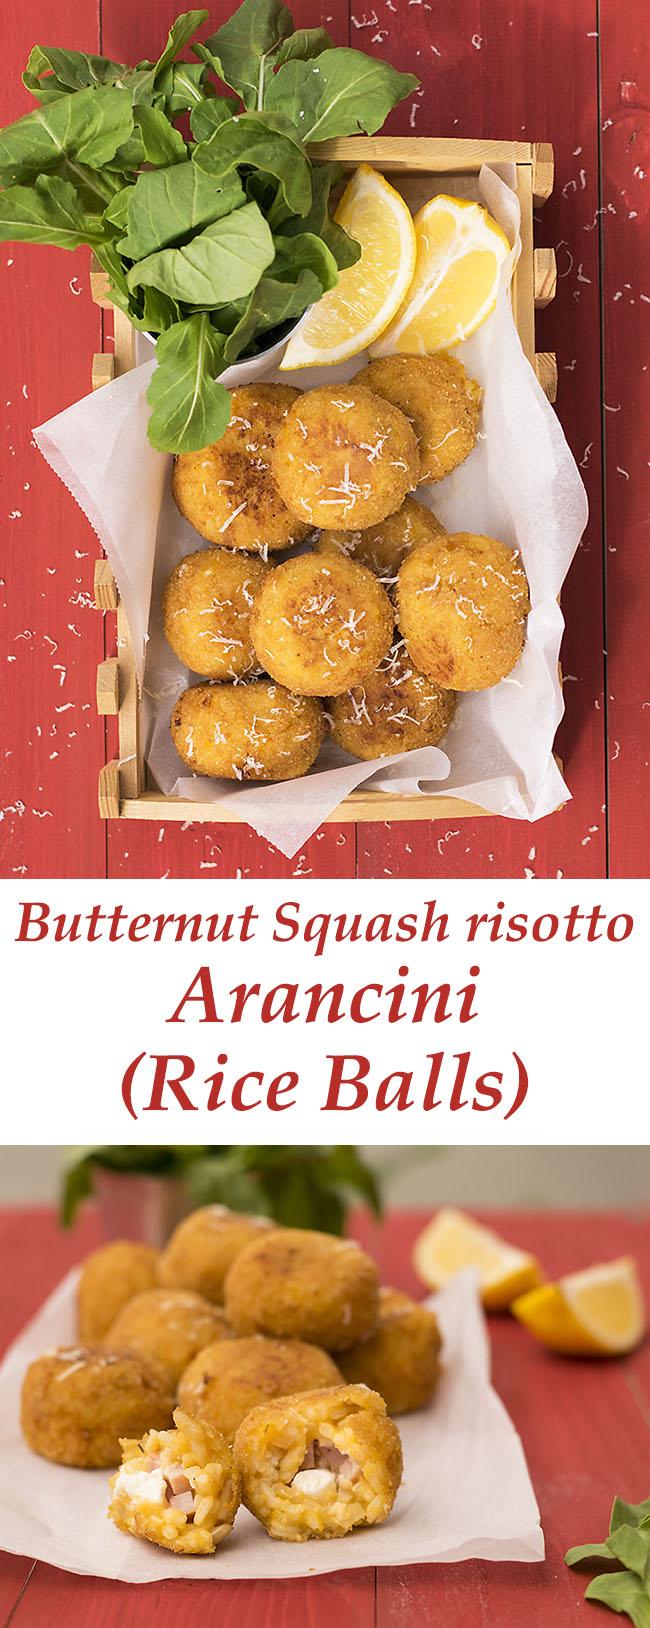 Butternut squash risotto arancini